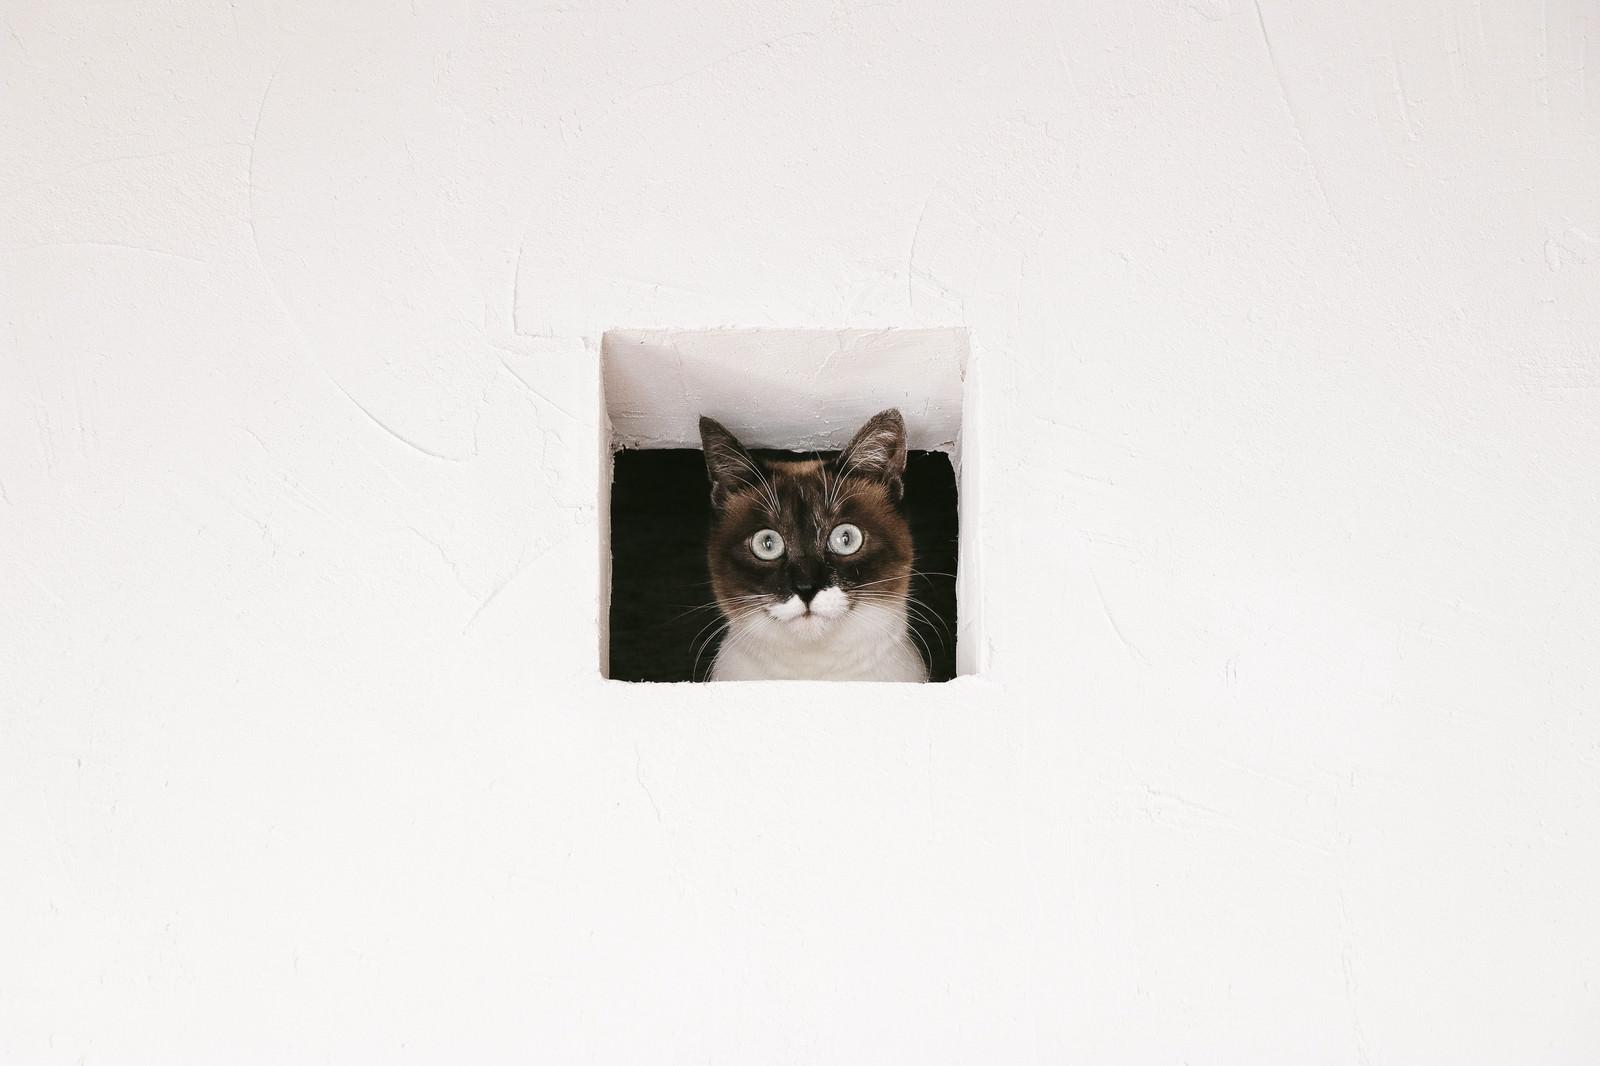 「猫は見た!猫は見た!」のフリー写真素材を拡大